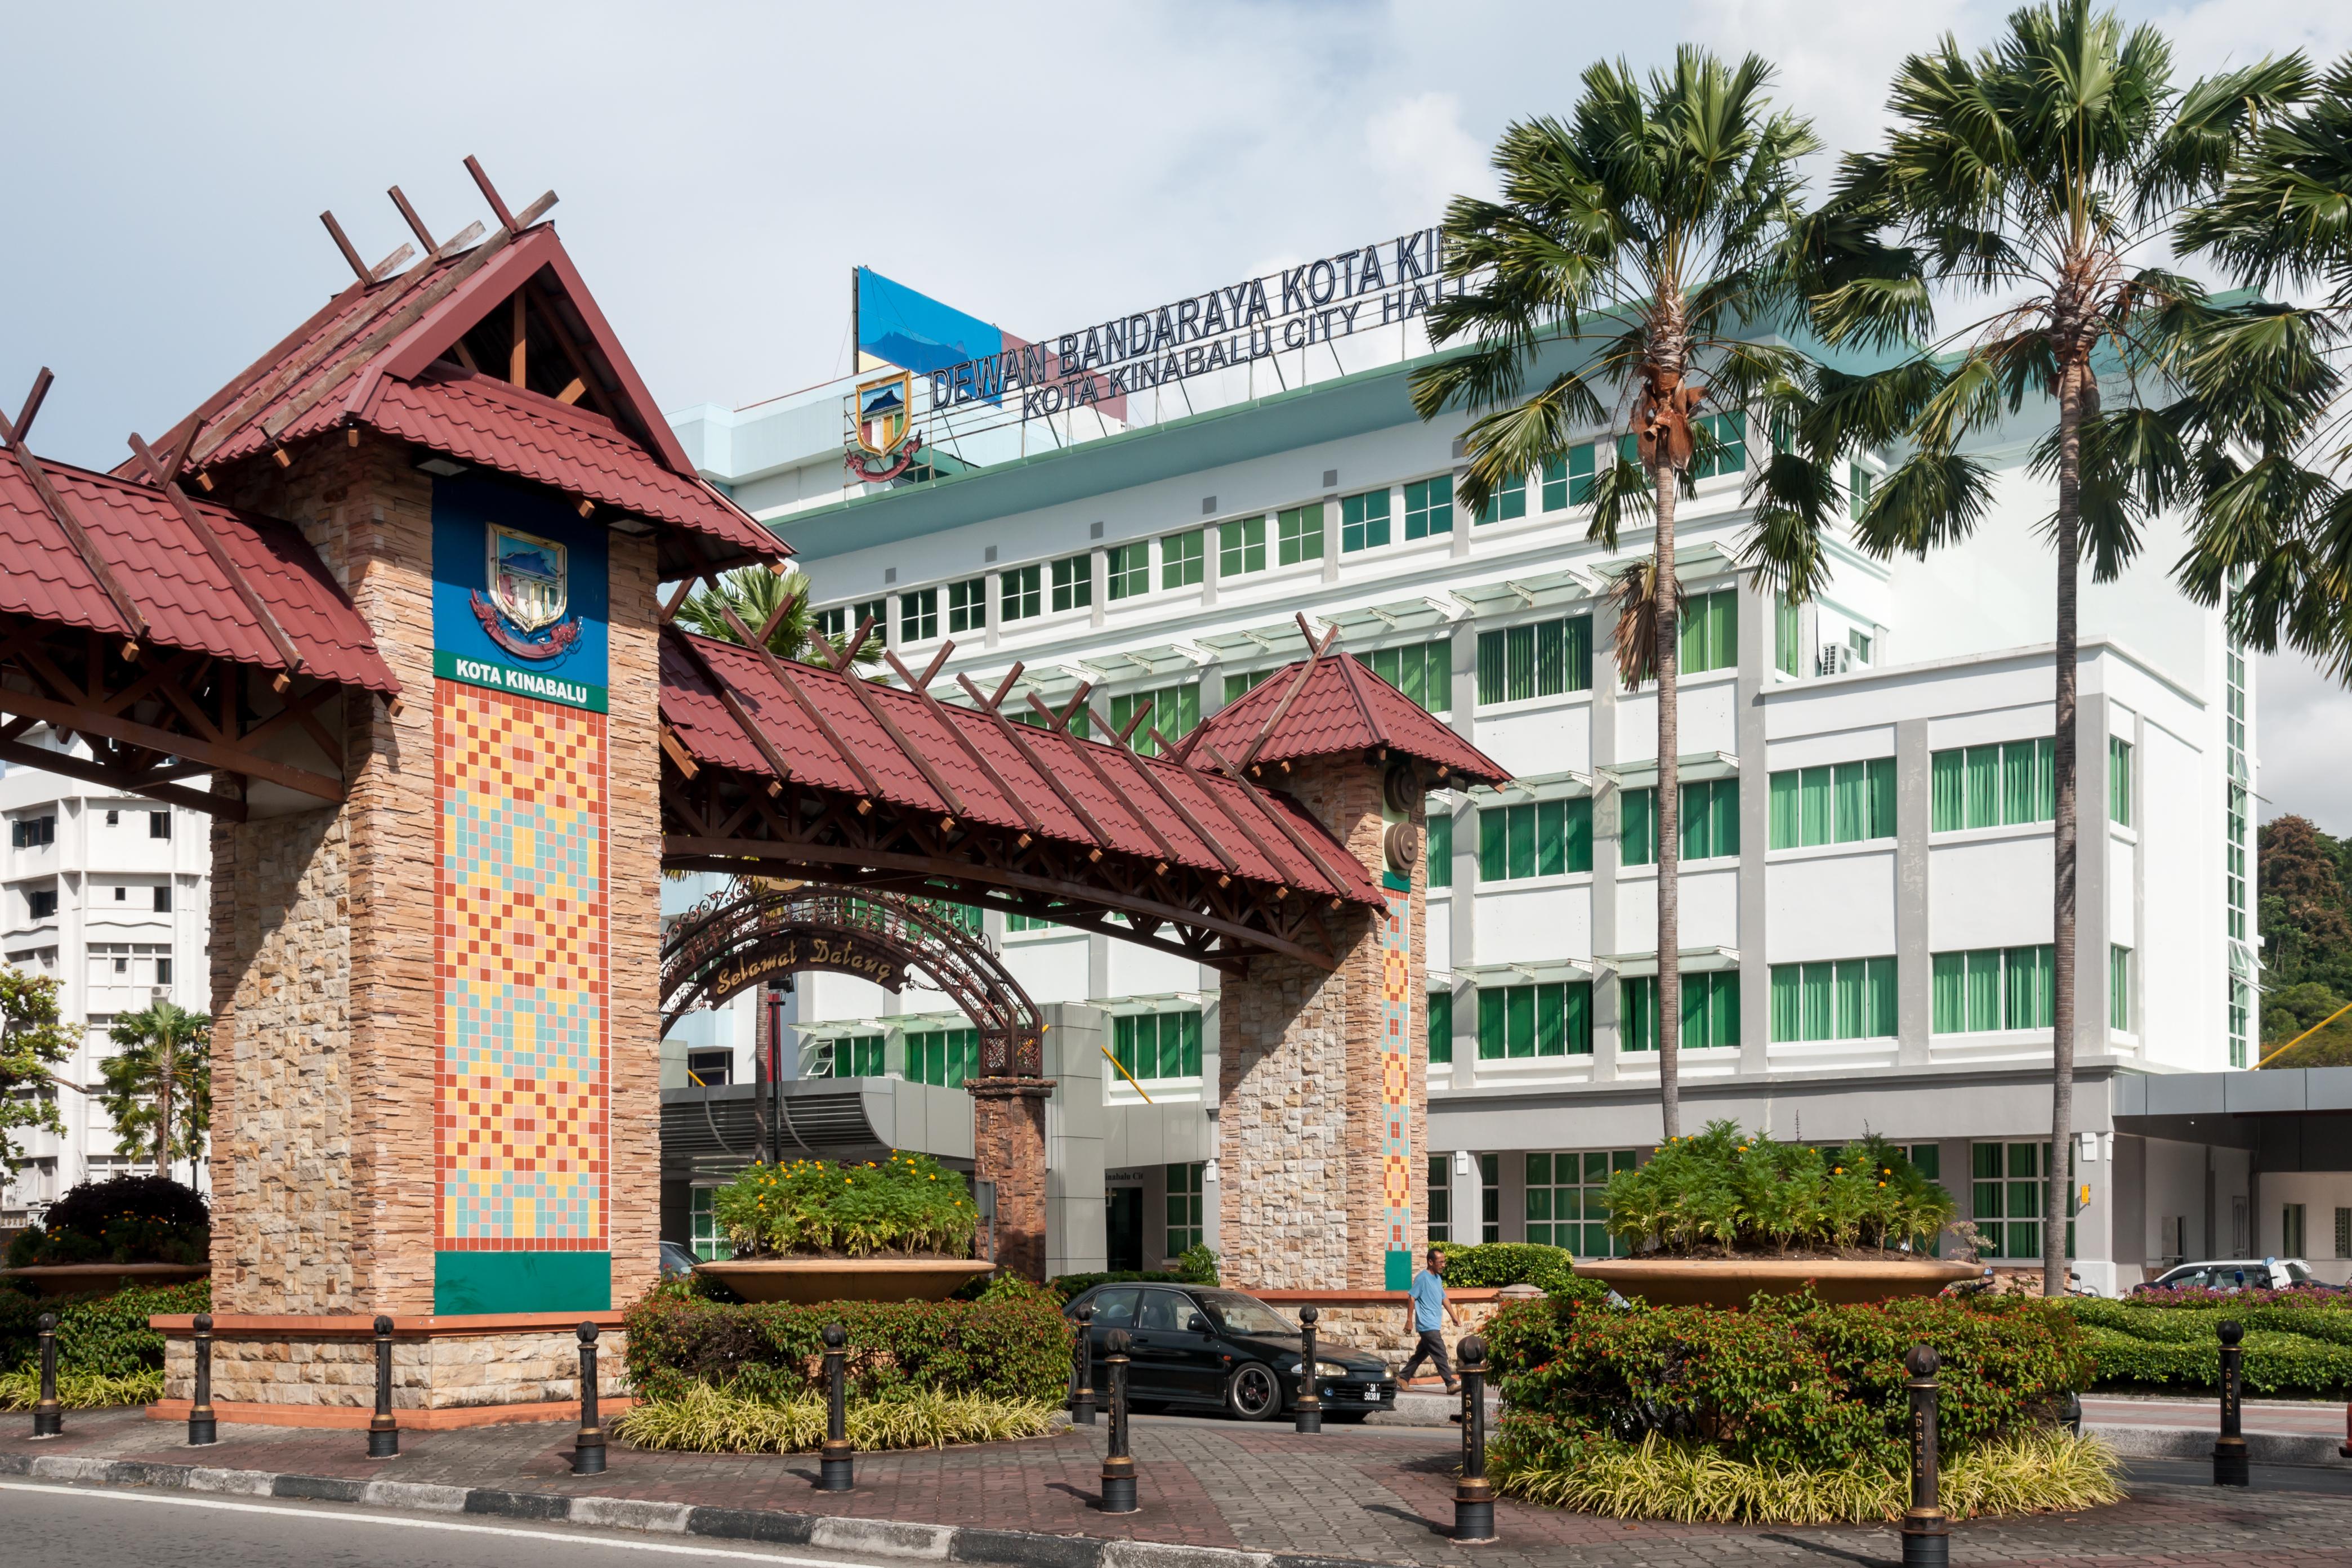 Pejabat Malaysia Airlines Kota Kinabalu